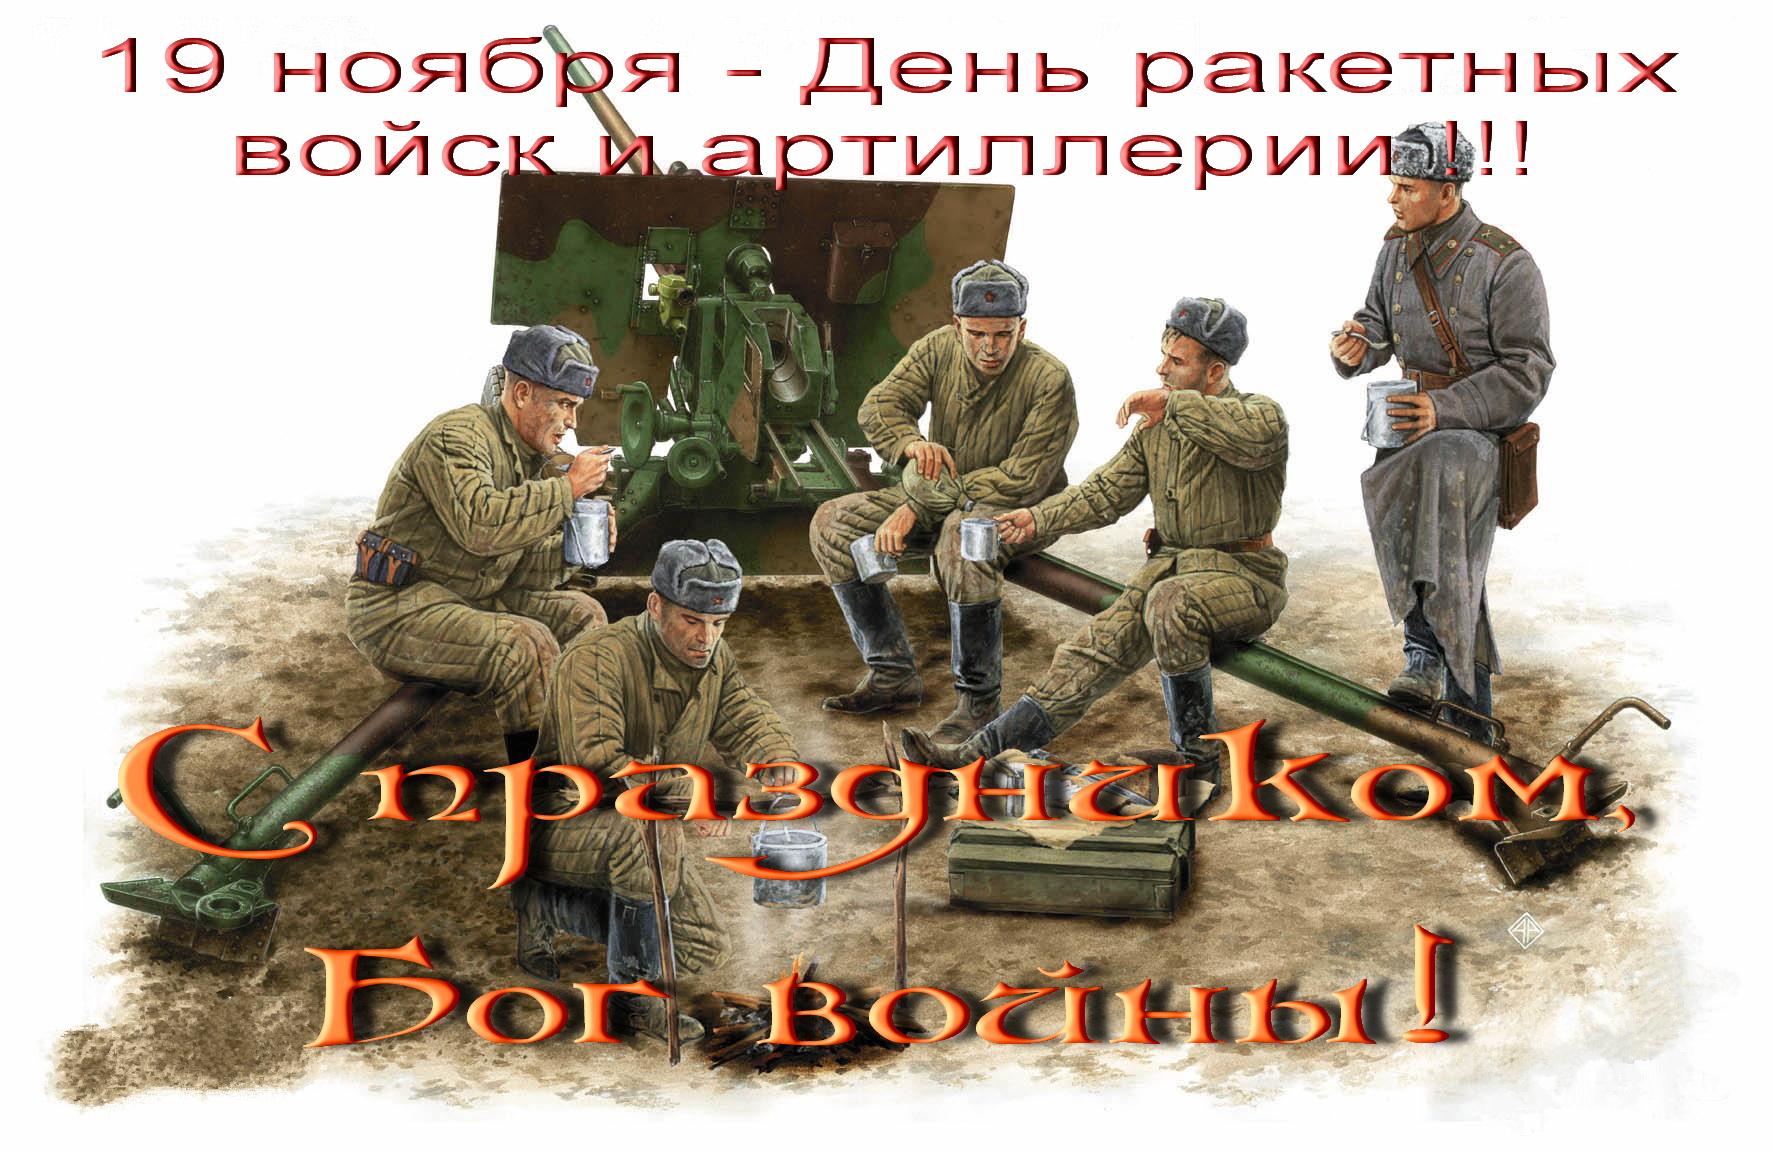 Поздравительные открытки с днем артиллерии, картинки разные